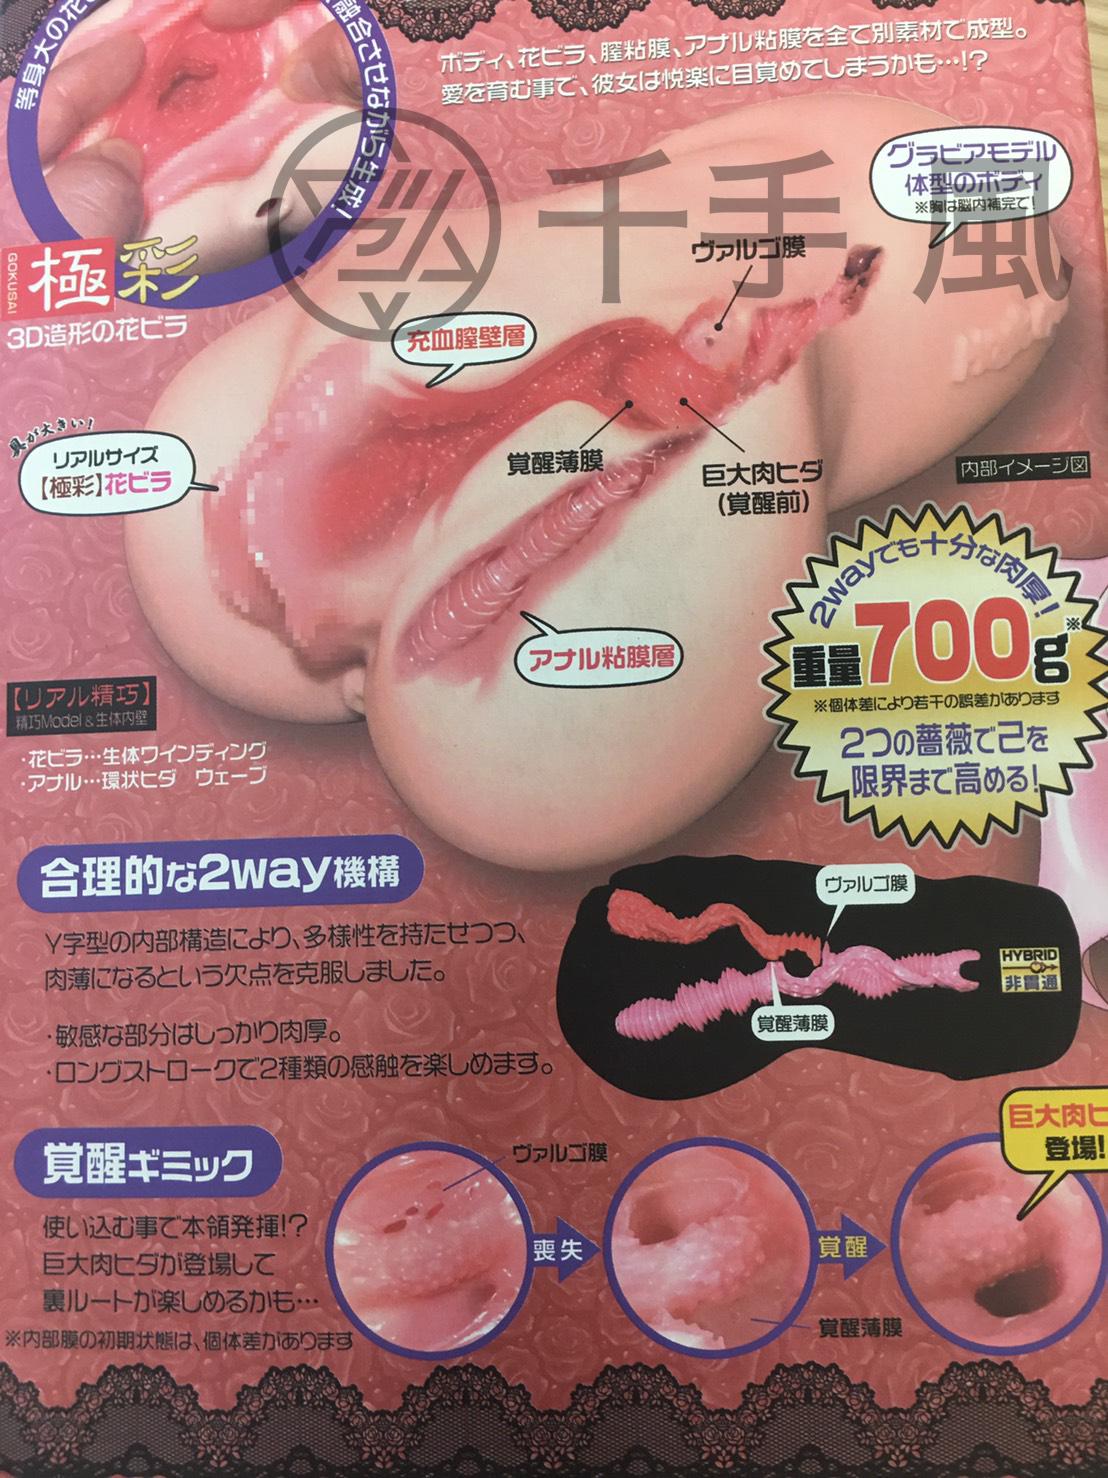 【開箱實測】開苞處女《雙穴蘿莎》超軟少女肉穴任你插!